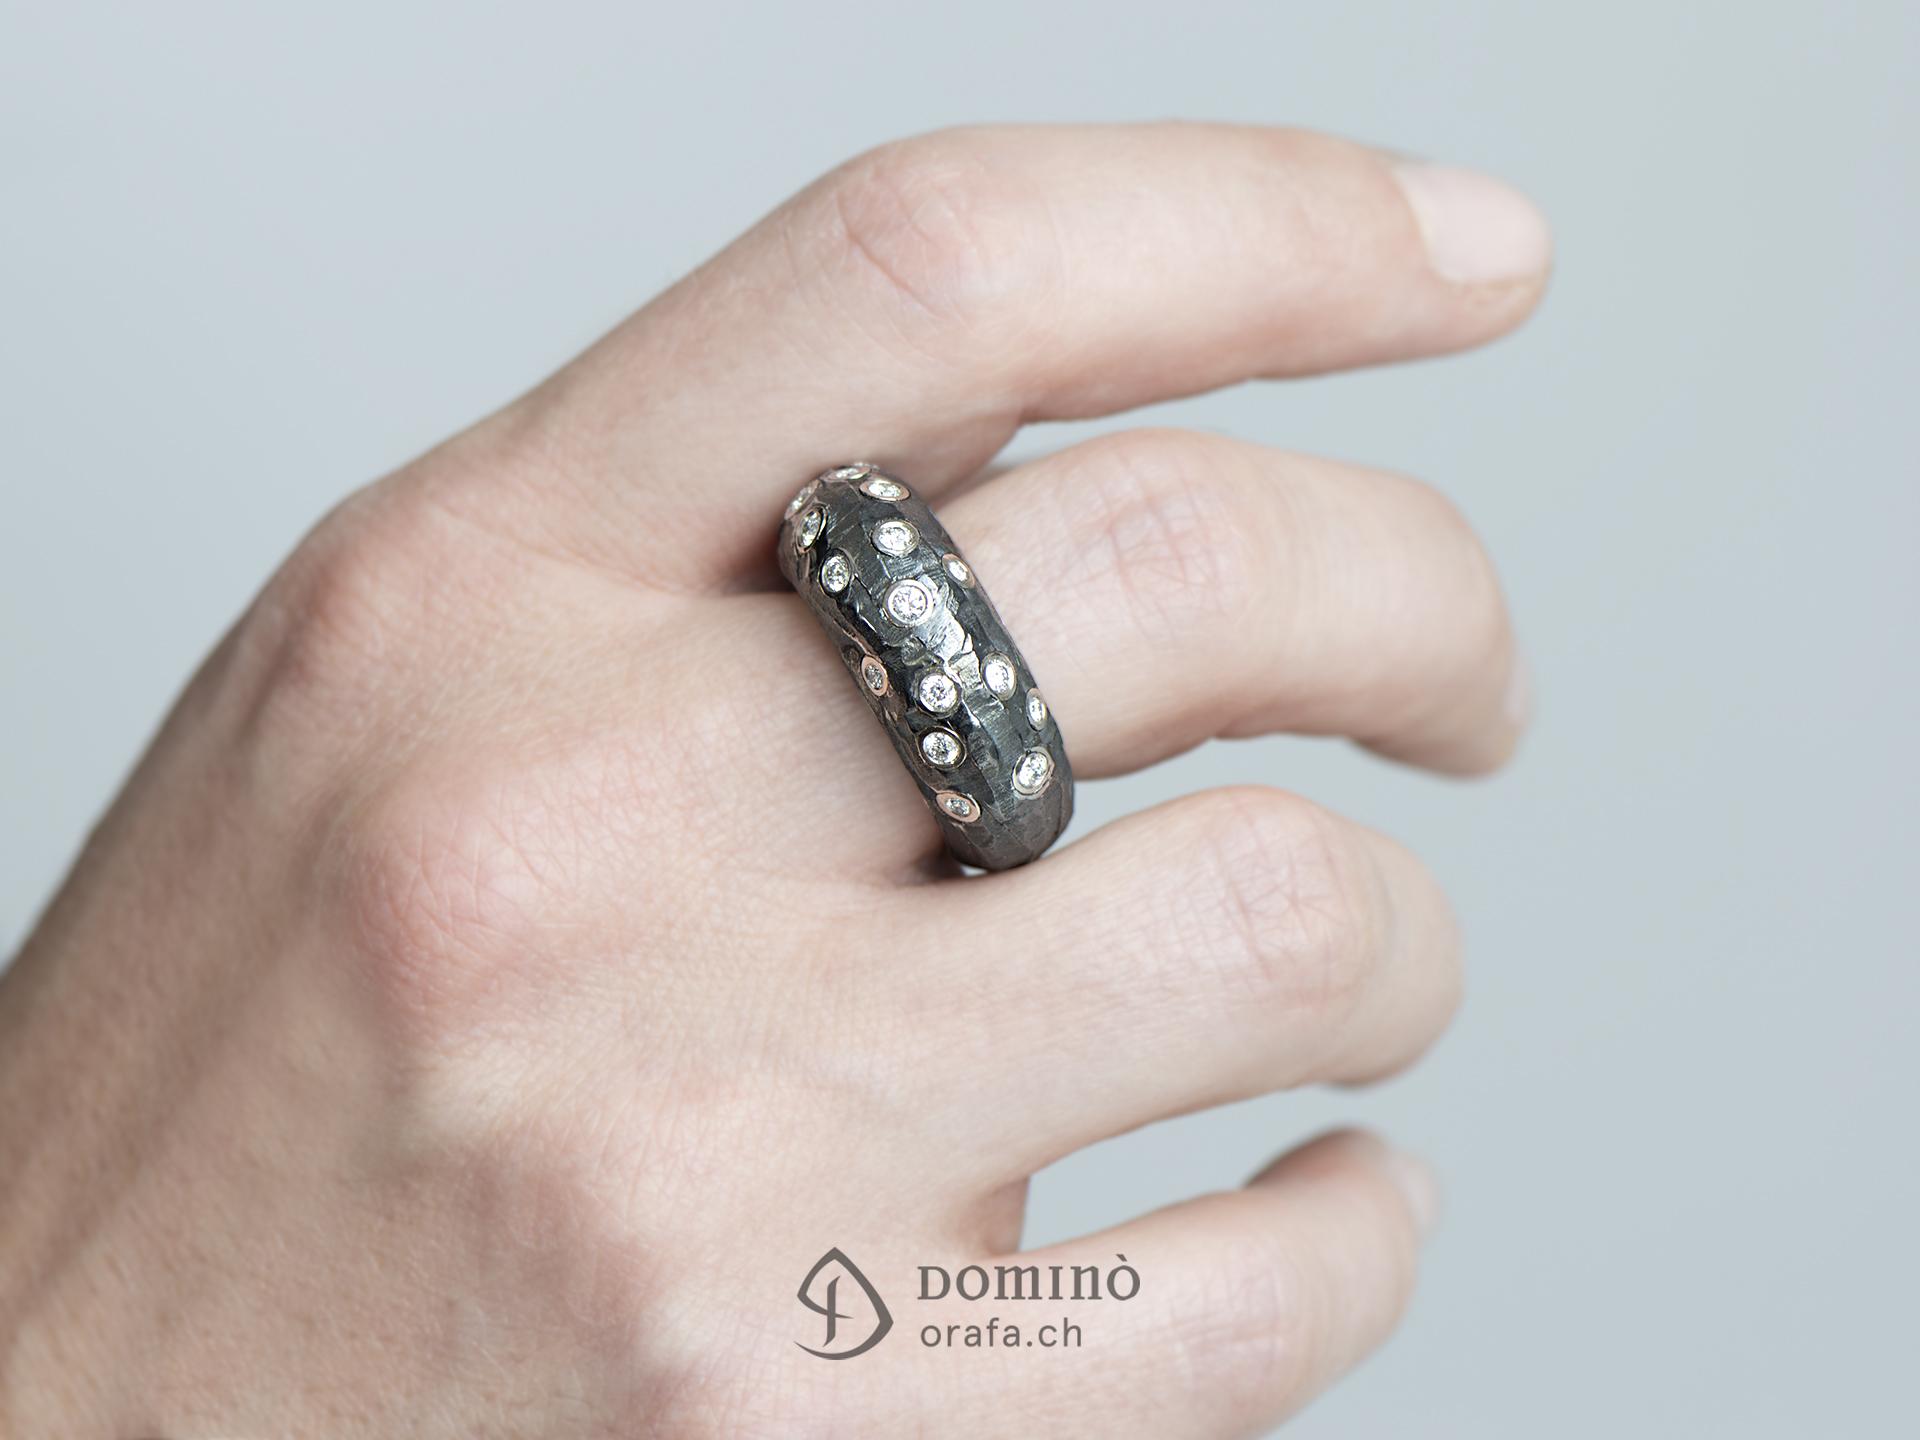 anello-ferro-prezioso-alto-diamanti-1